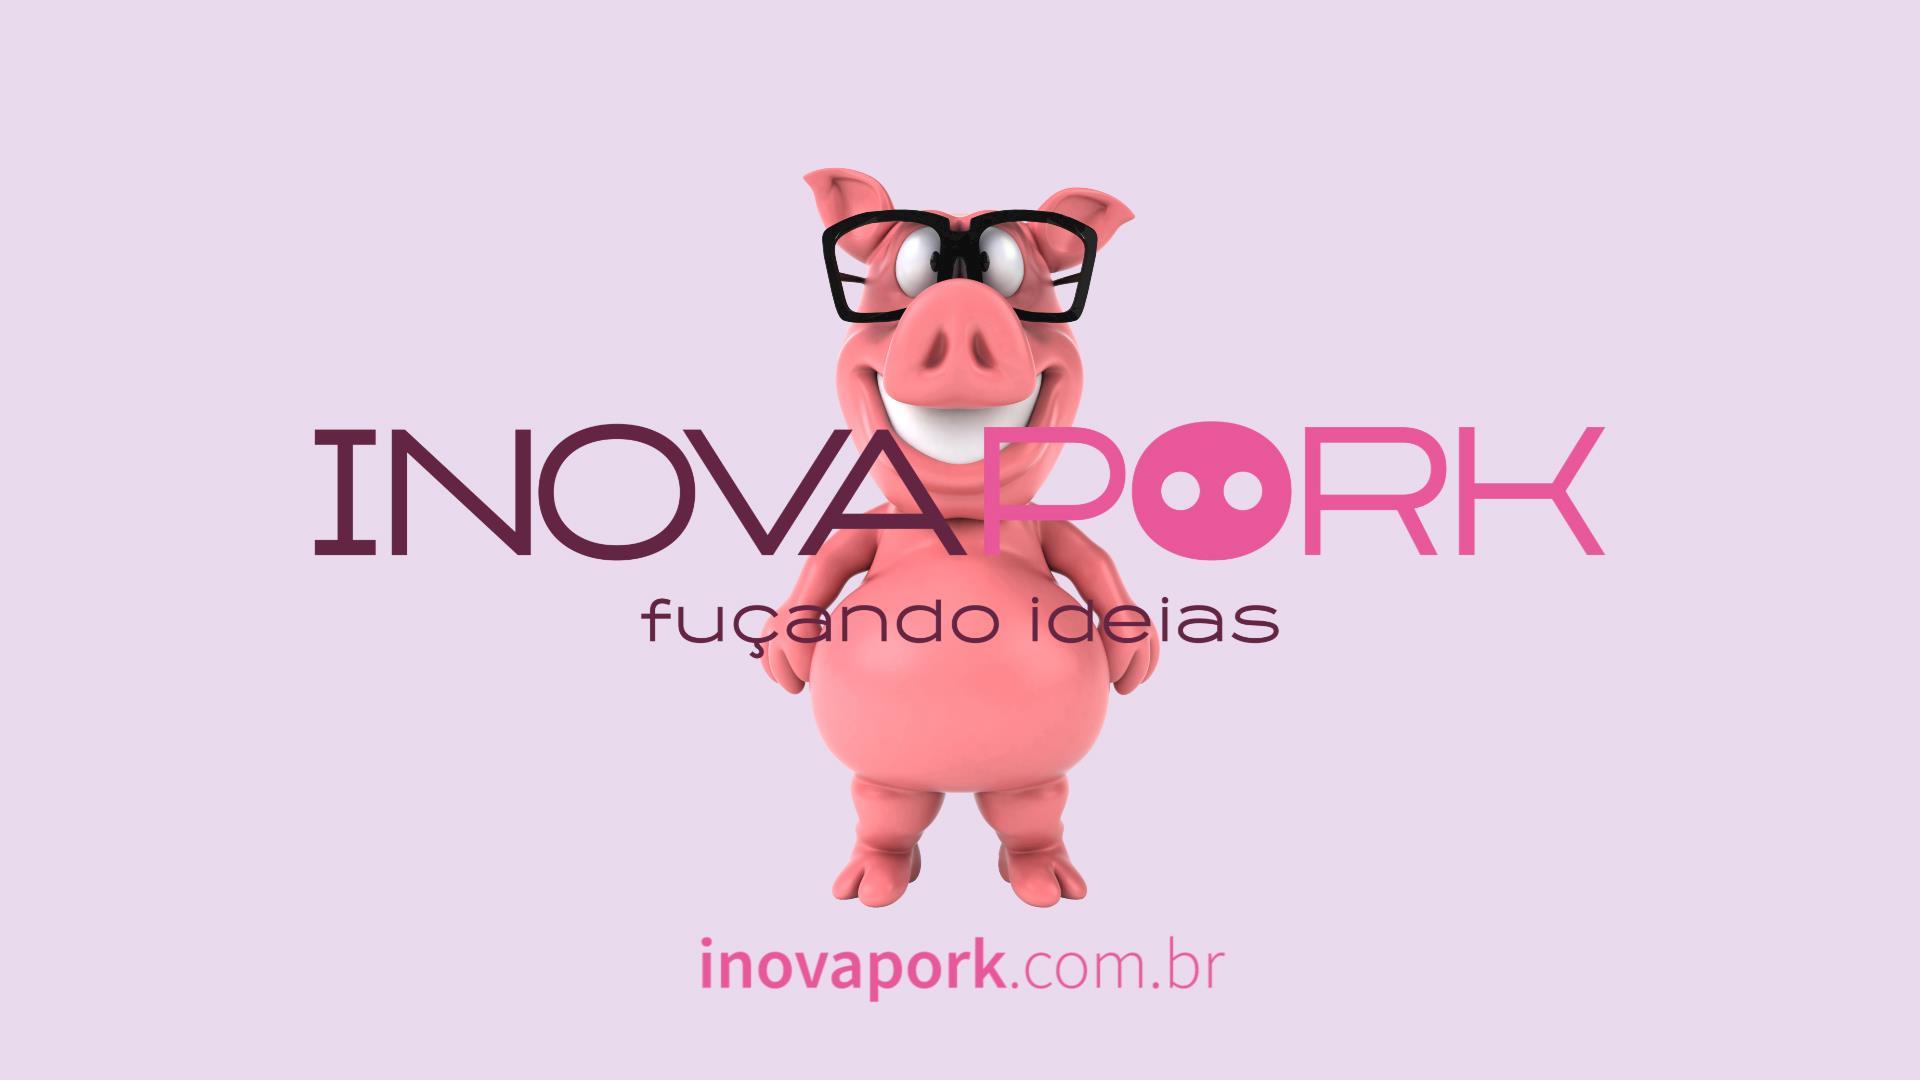 InovaPork fomenta a inovação na suinocultura